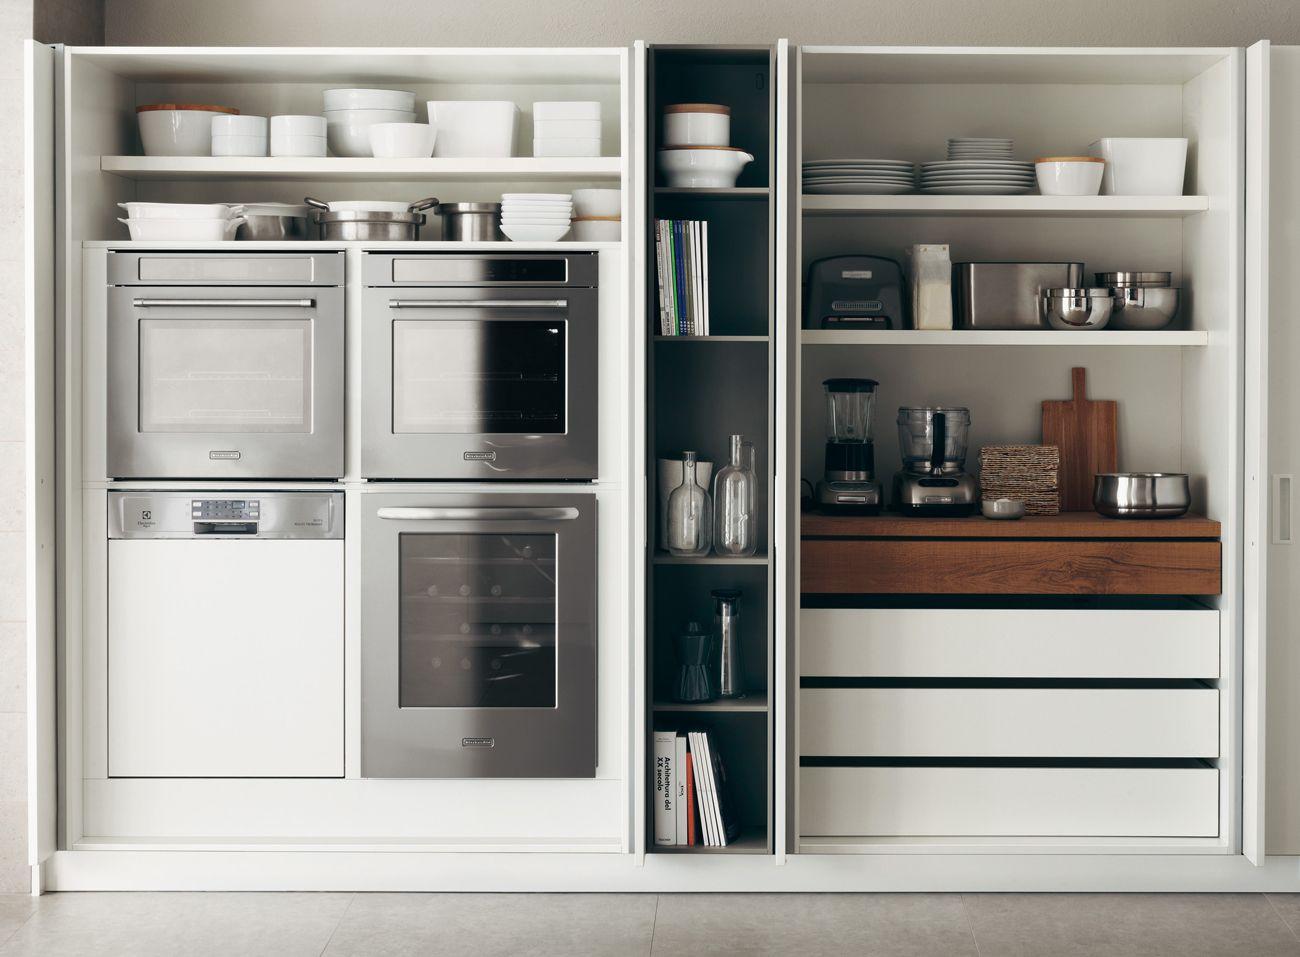 Le migliori soluzioni per le cucine piccole | Interiors, Kitchens ...